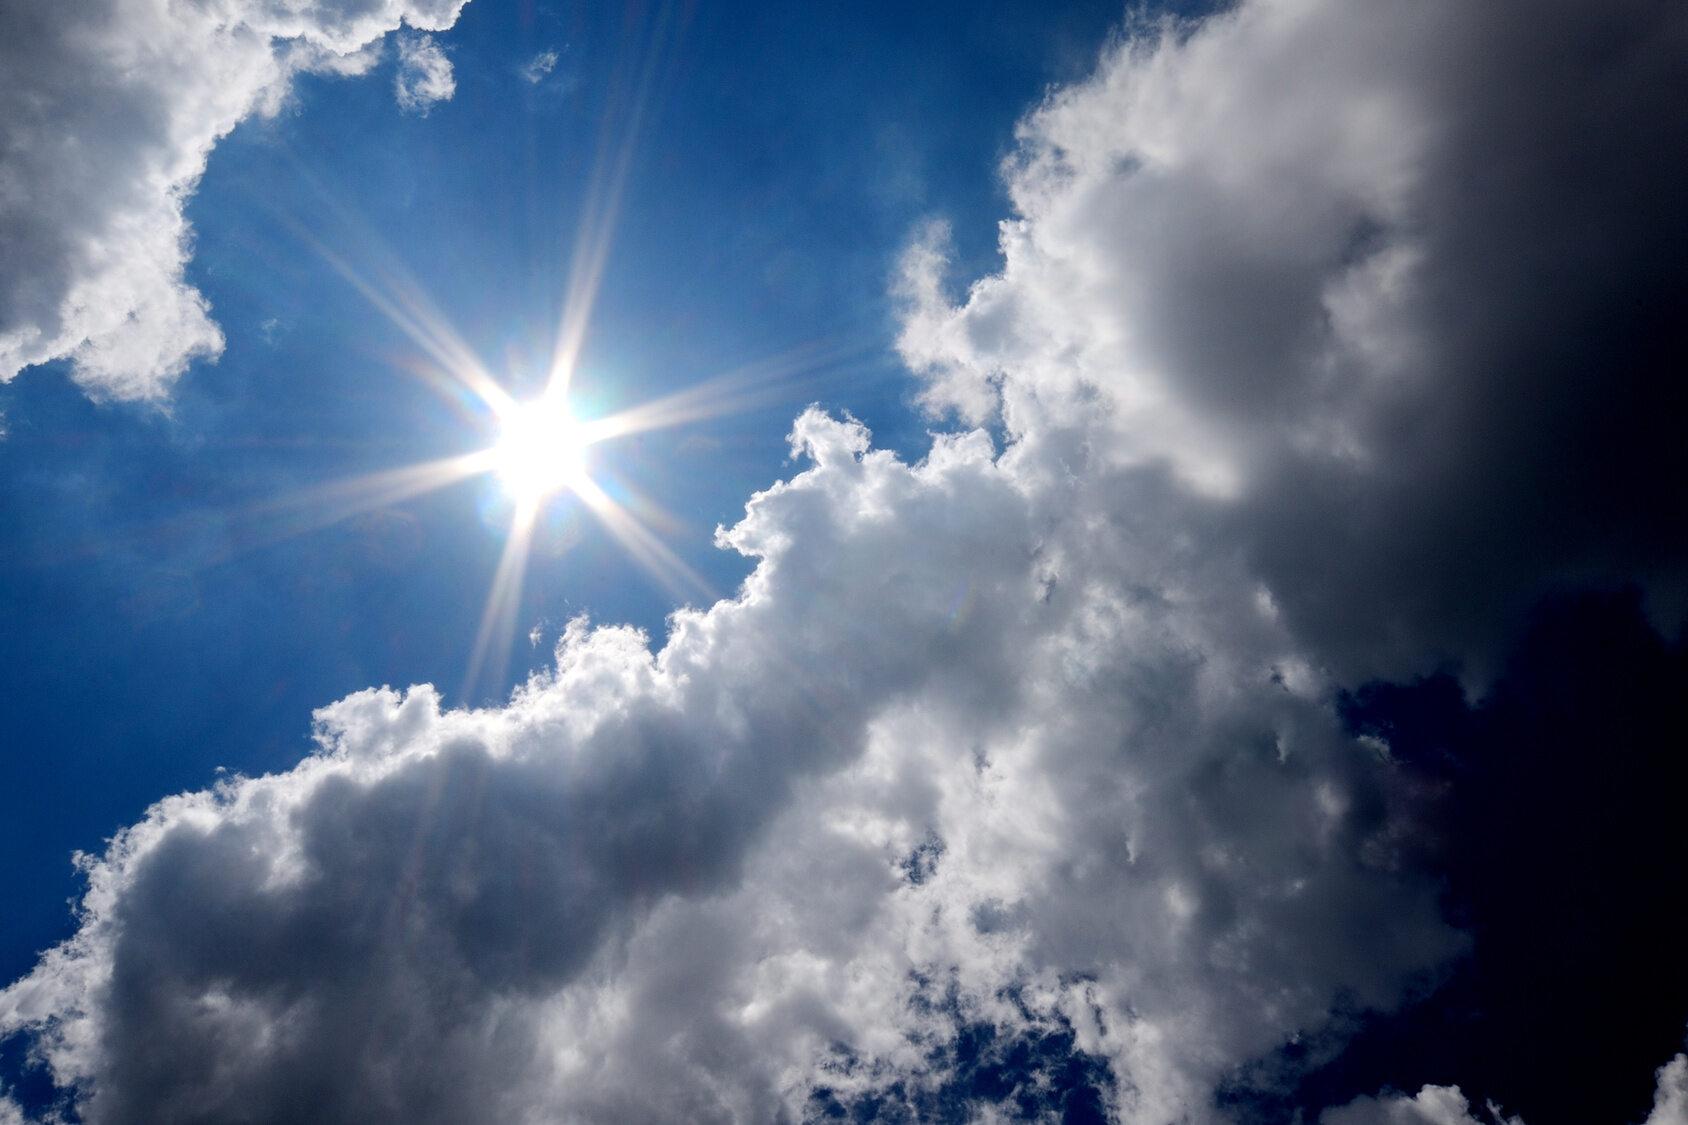 Pogoda, słońce, chmury, zdjęcie ilustracyjne